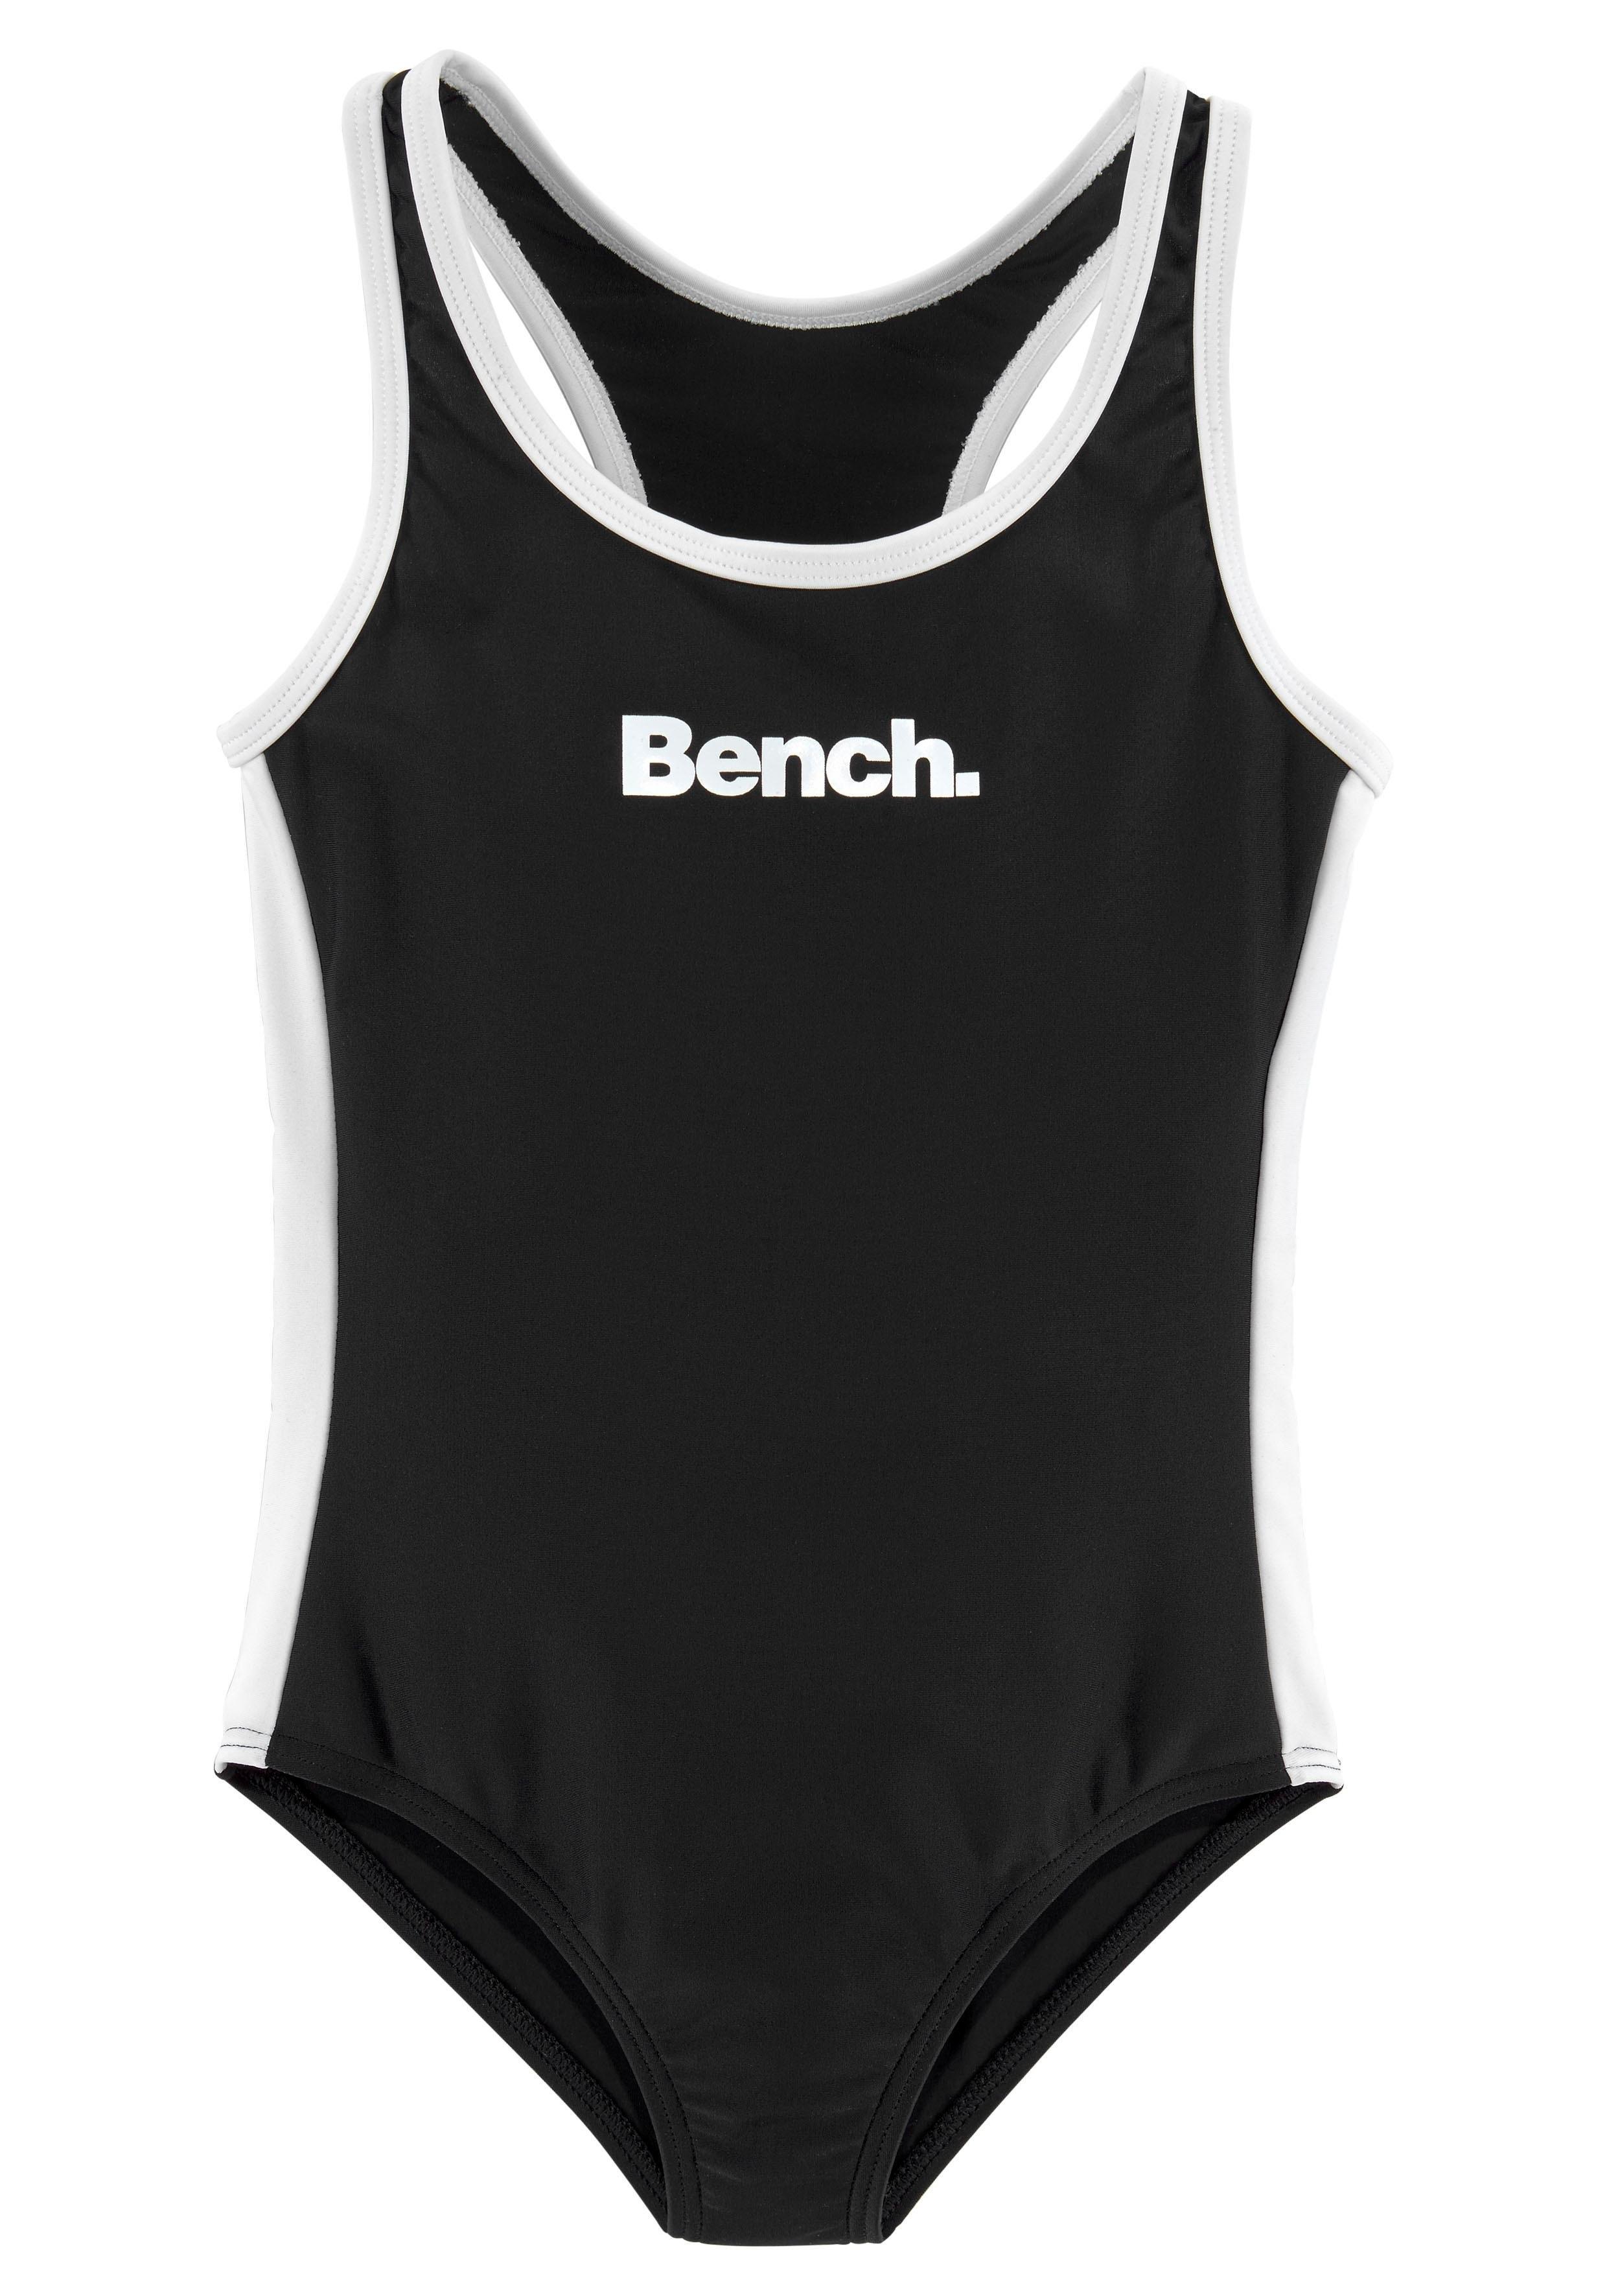 Bench. Badpak online kopen op otto.nl